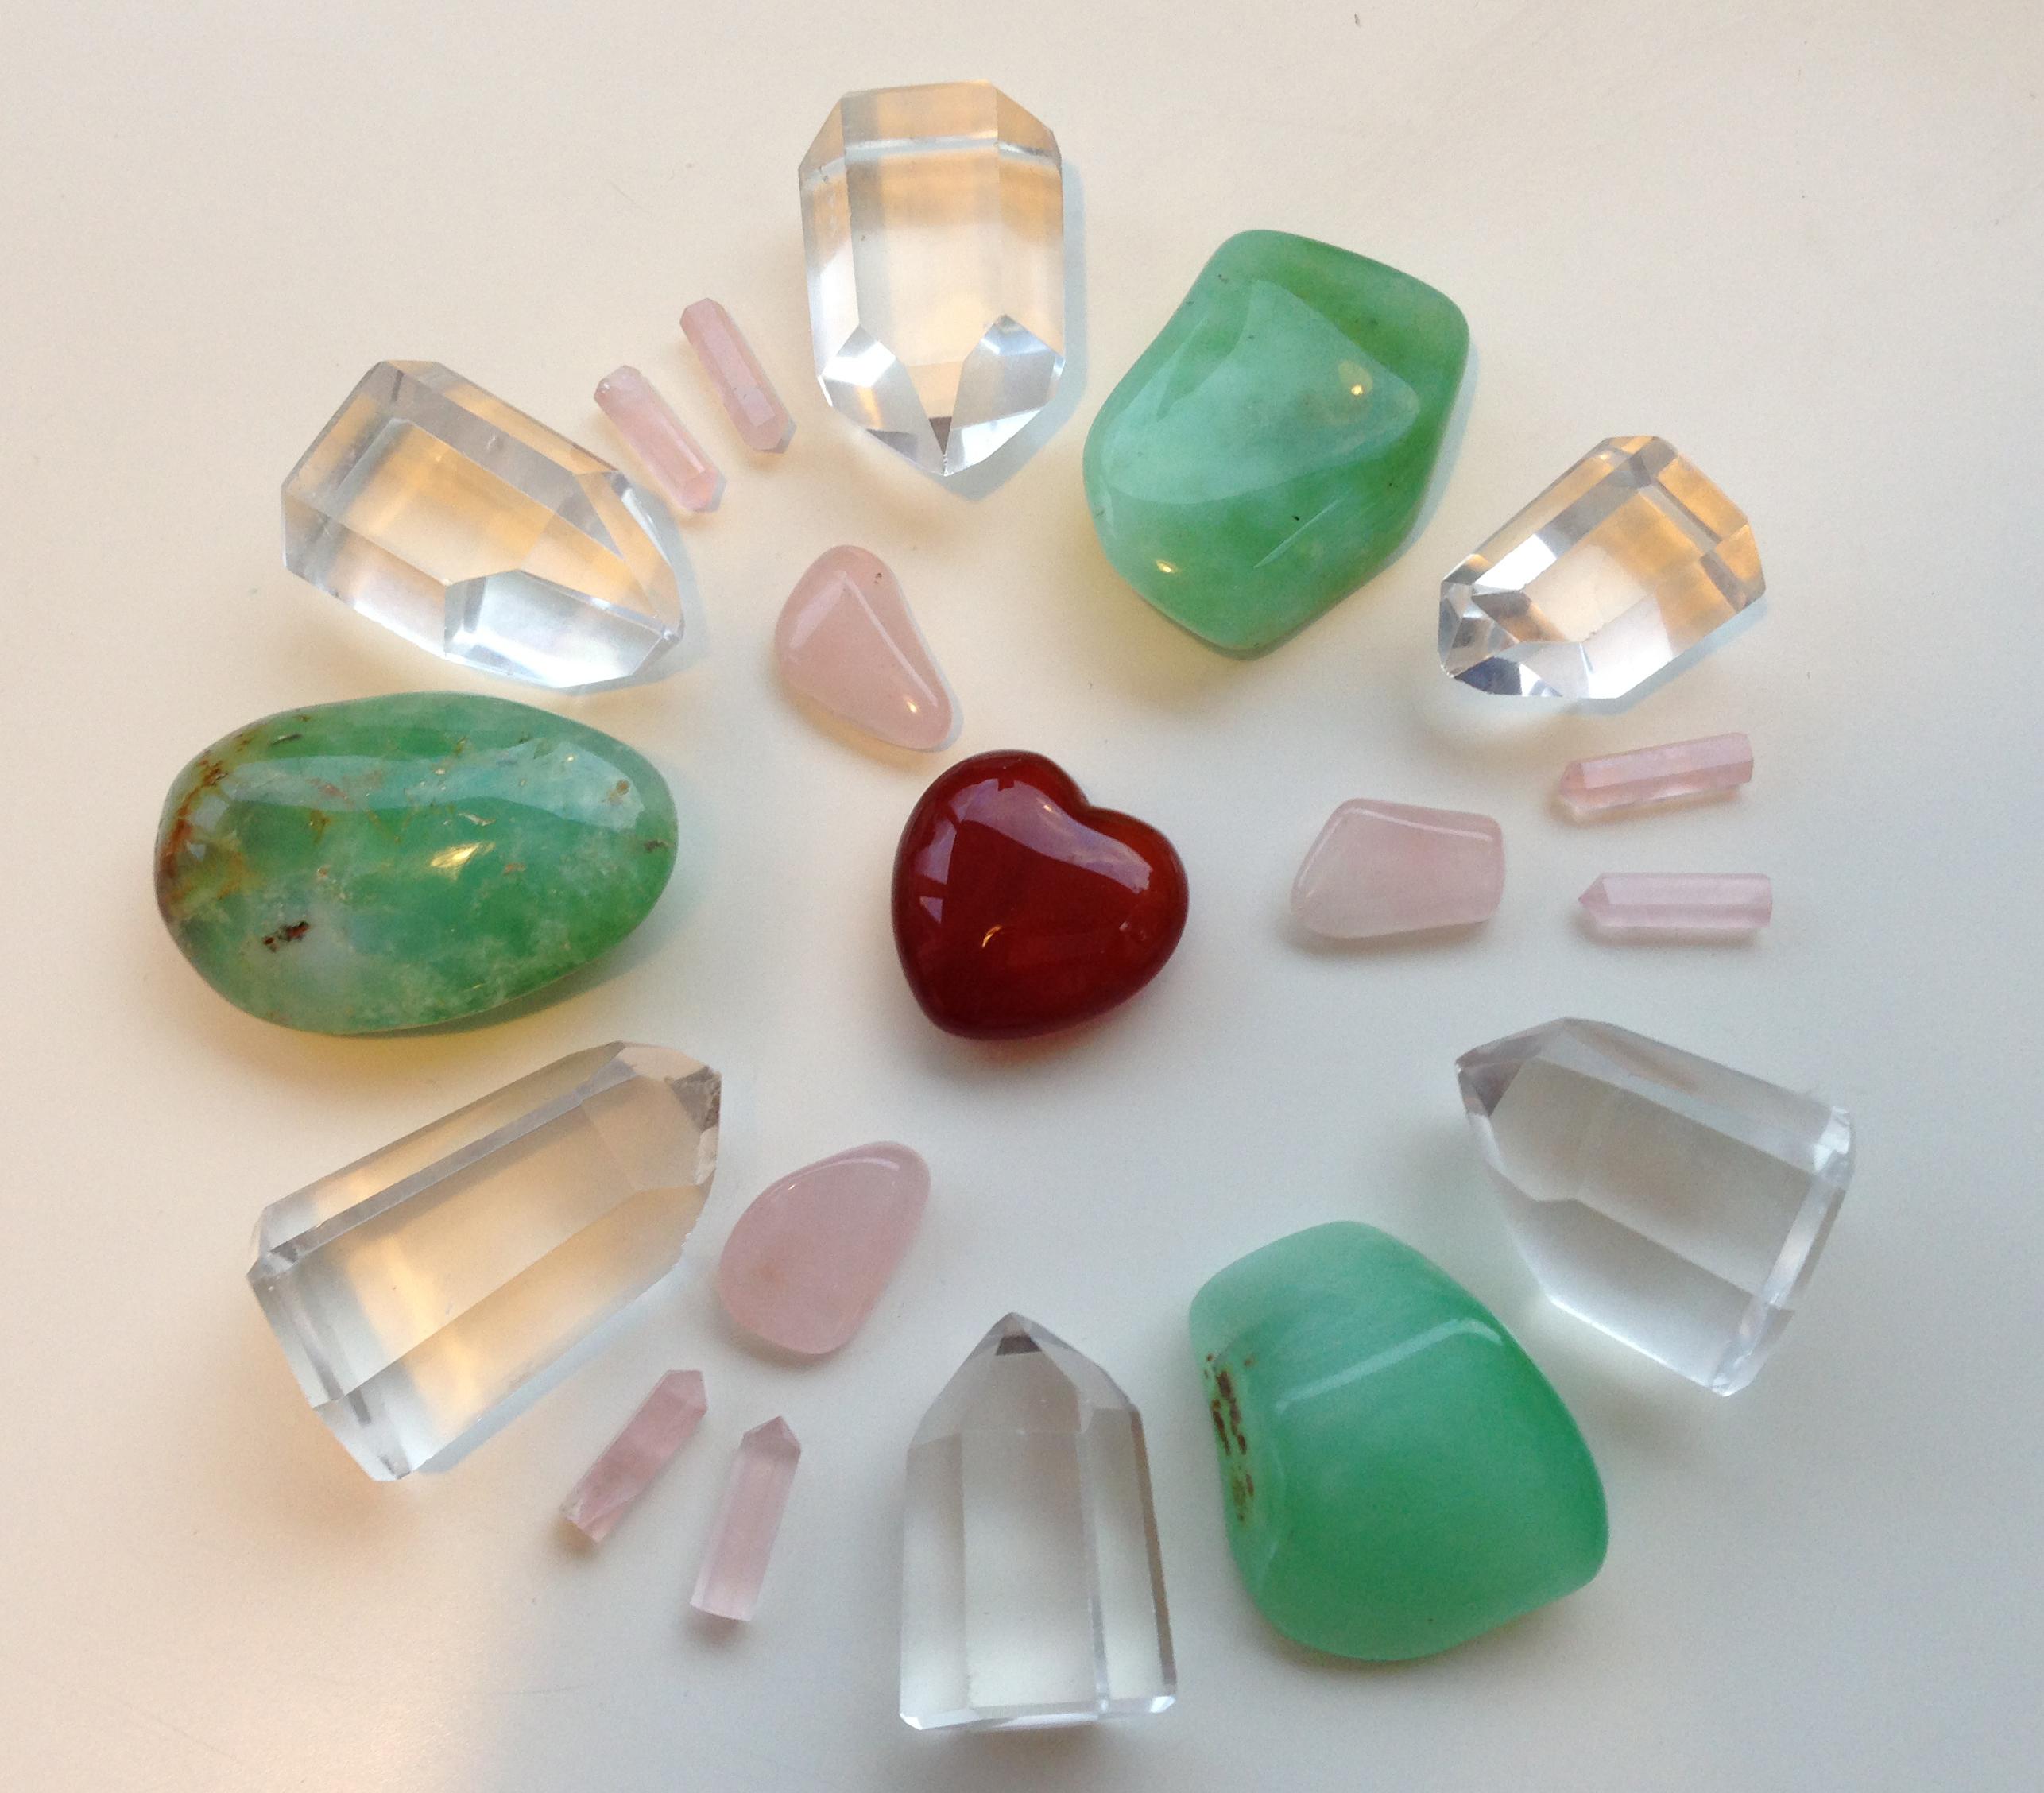 ум и сердце 5 Доверие и принятие, ум и сердце, розовые и зеленые камни